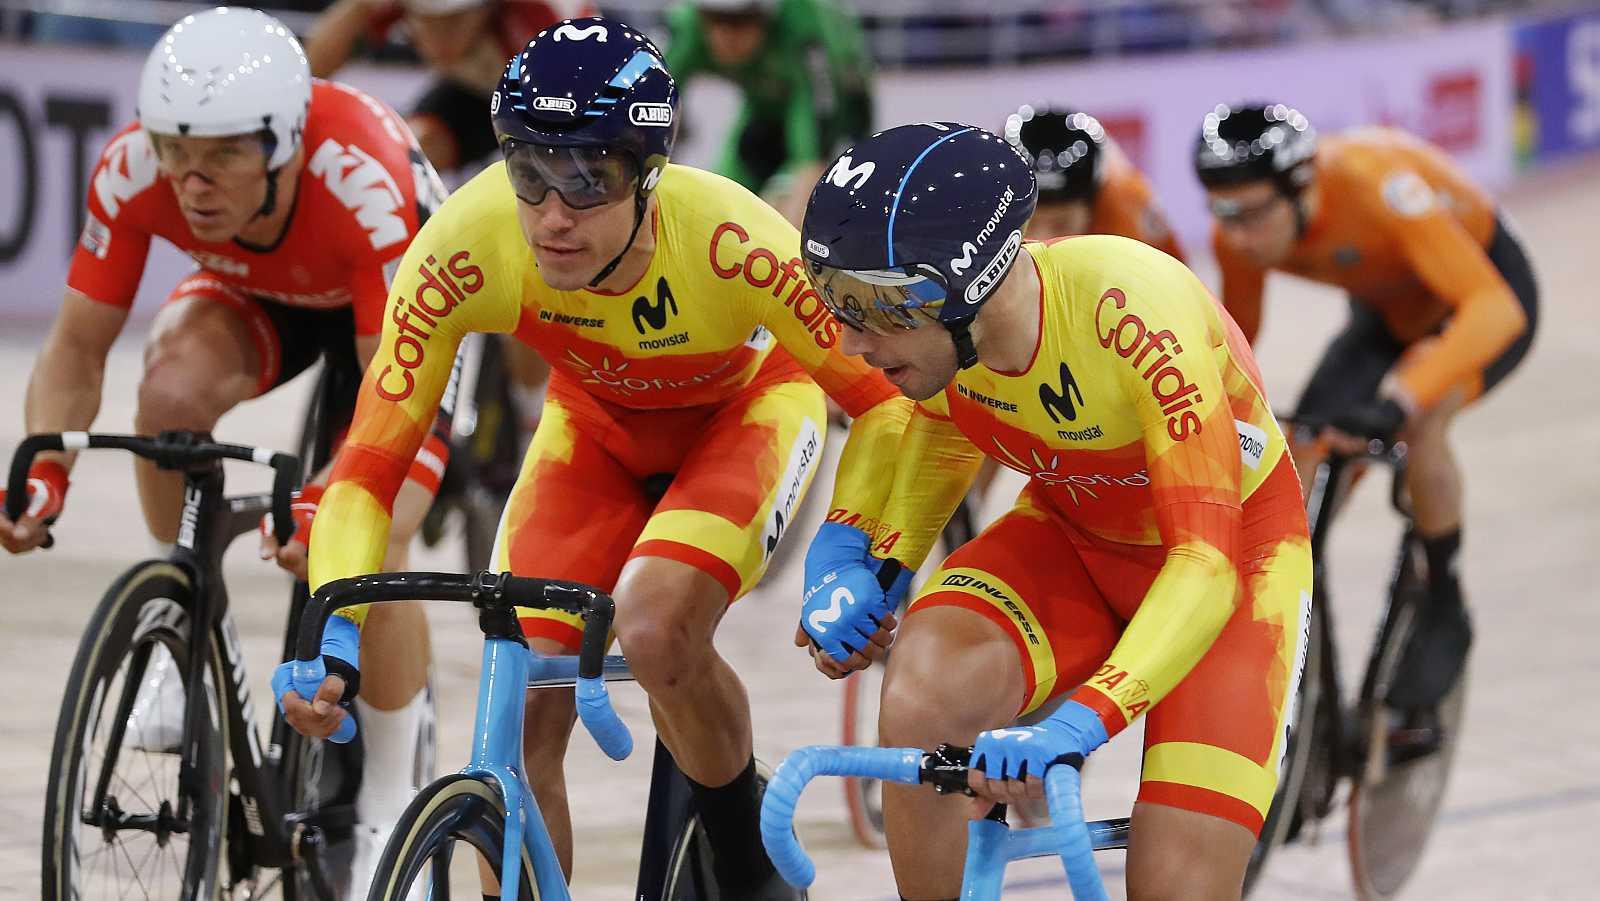 Albert Torrres (i) y Sebastián Mora (d) durante los mundiales de ciclismo en pista